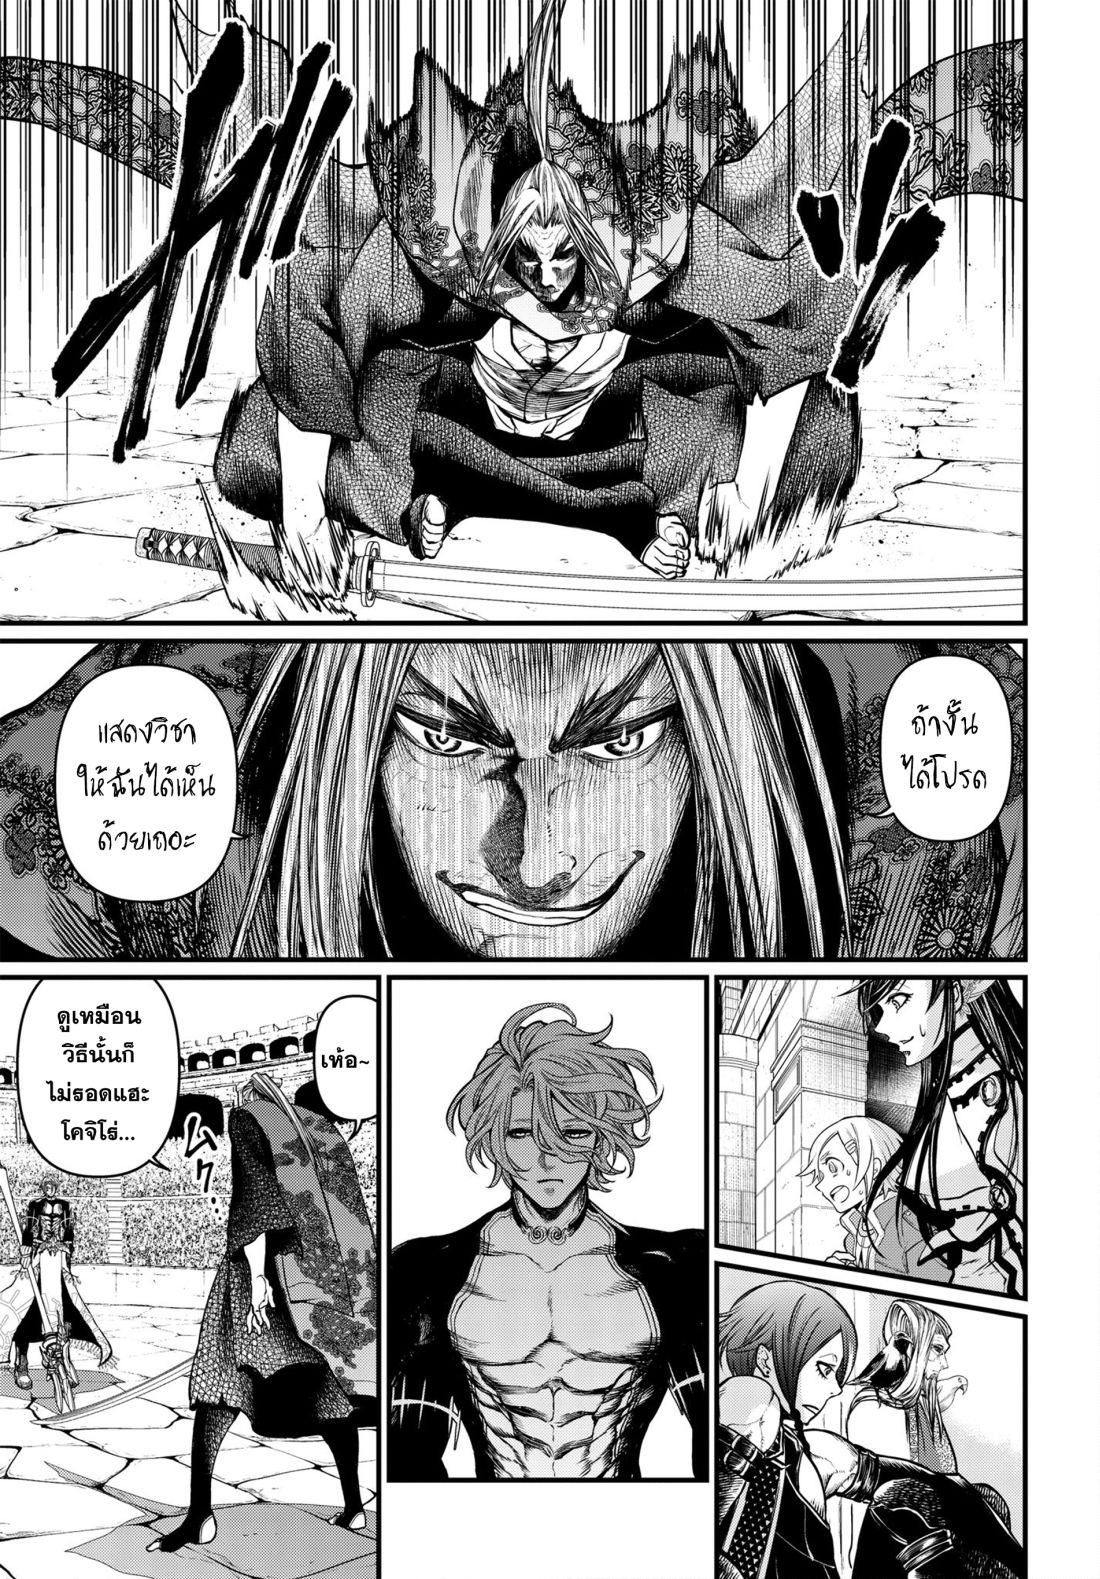 อ่านการ์ตูน Shuumatsu no Walkure ตอนที่ 17 หน้าที่ 4